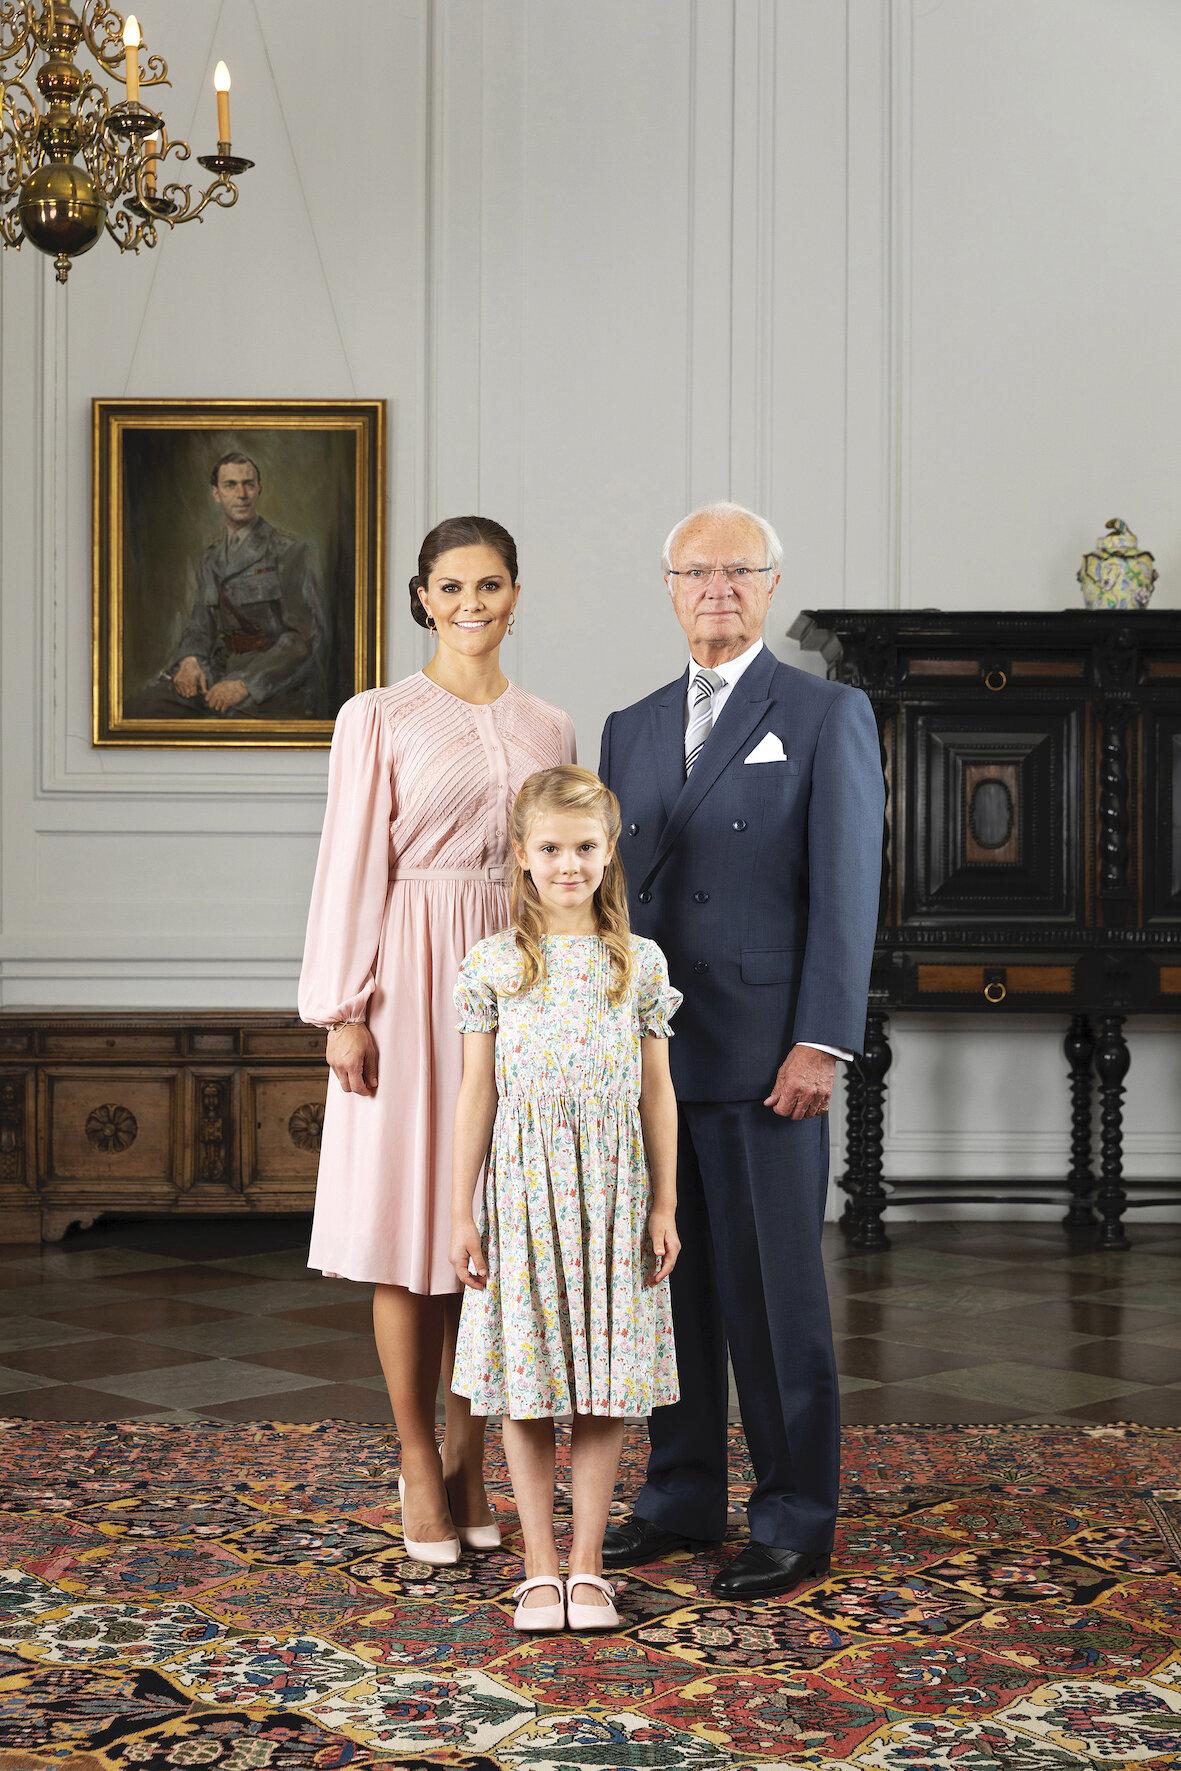 Das Dream-Team für die Krone: Kronprinzessin Victoria, König Carl Gustaf und Prinzessin Estelle.  © Sandra Birgersdotter Ek, Kungl. Hovstaterna